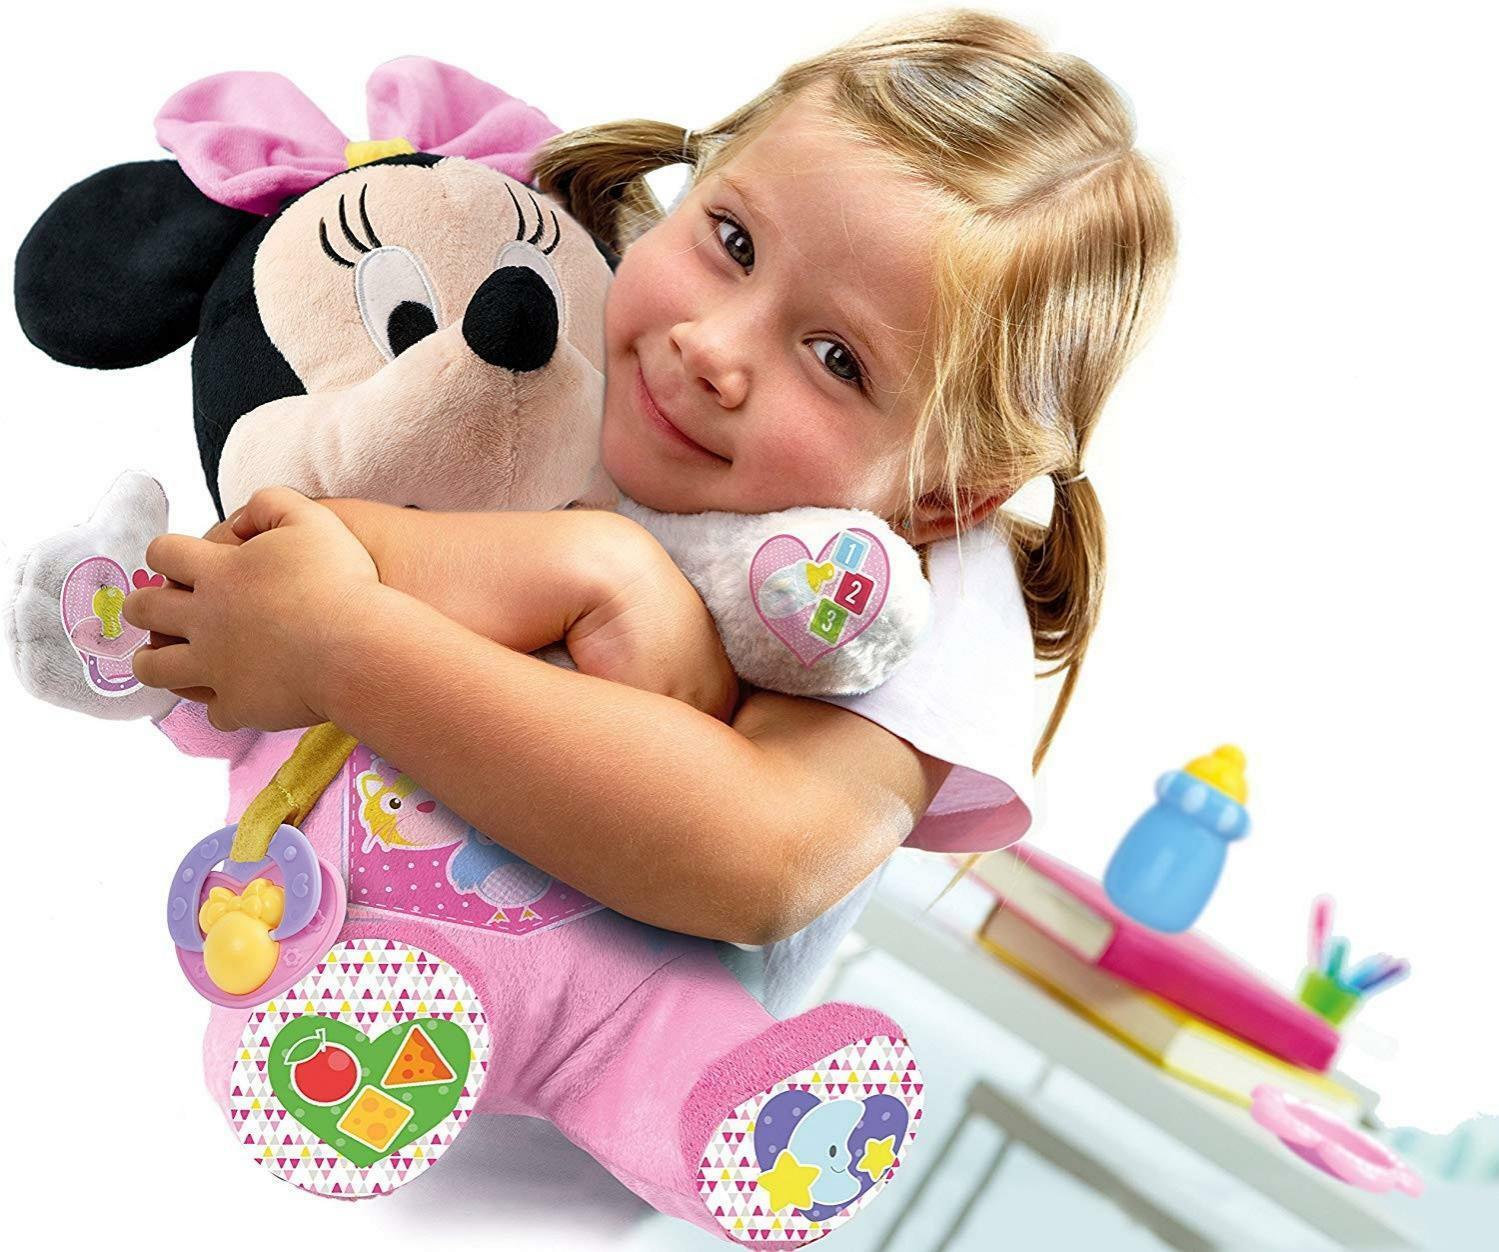 clementoni baby minnie la mia amica bambola 17145